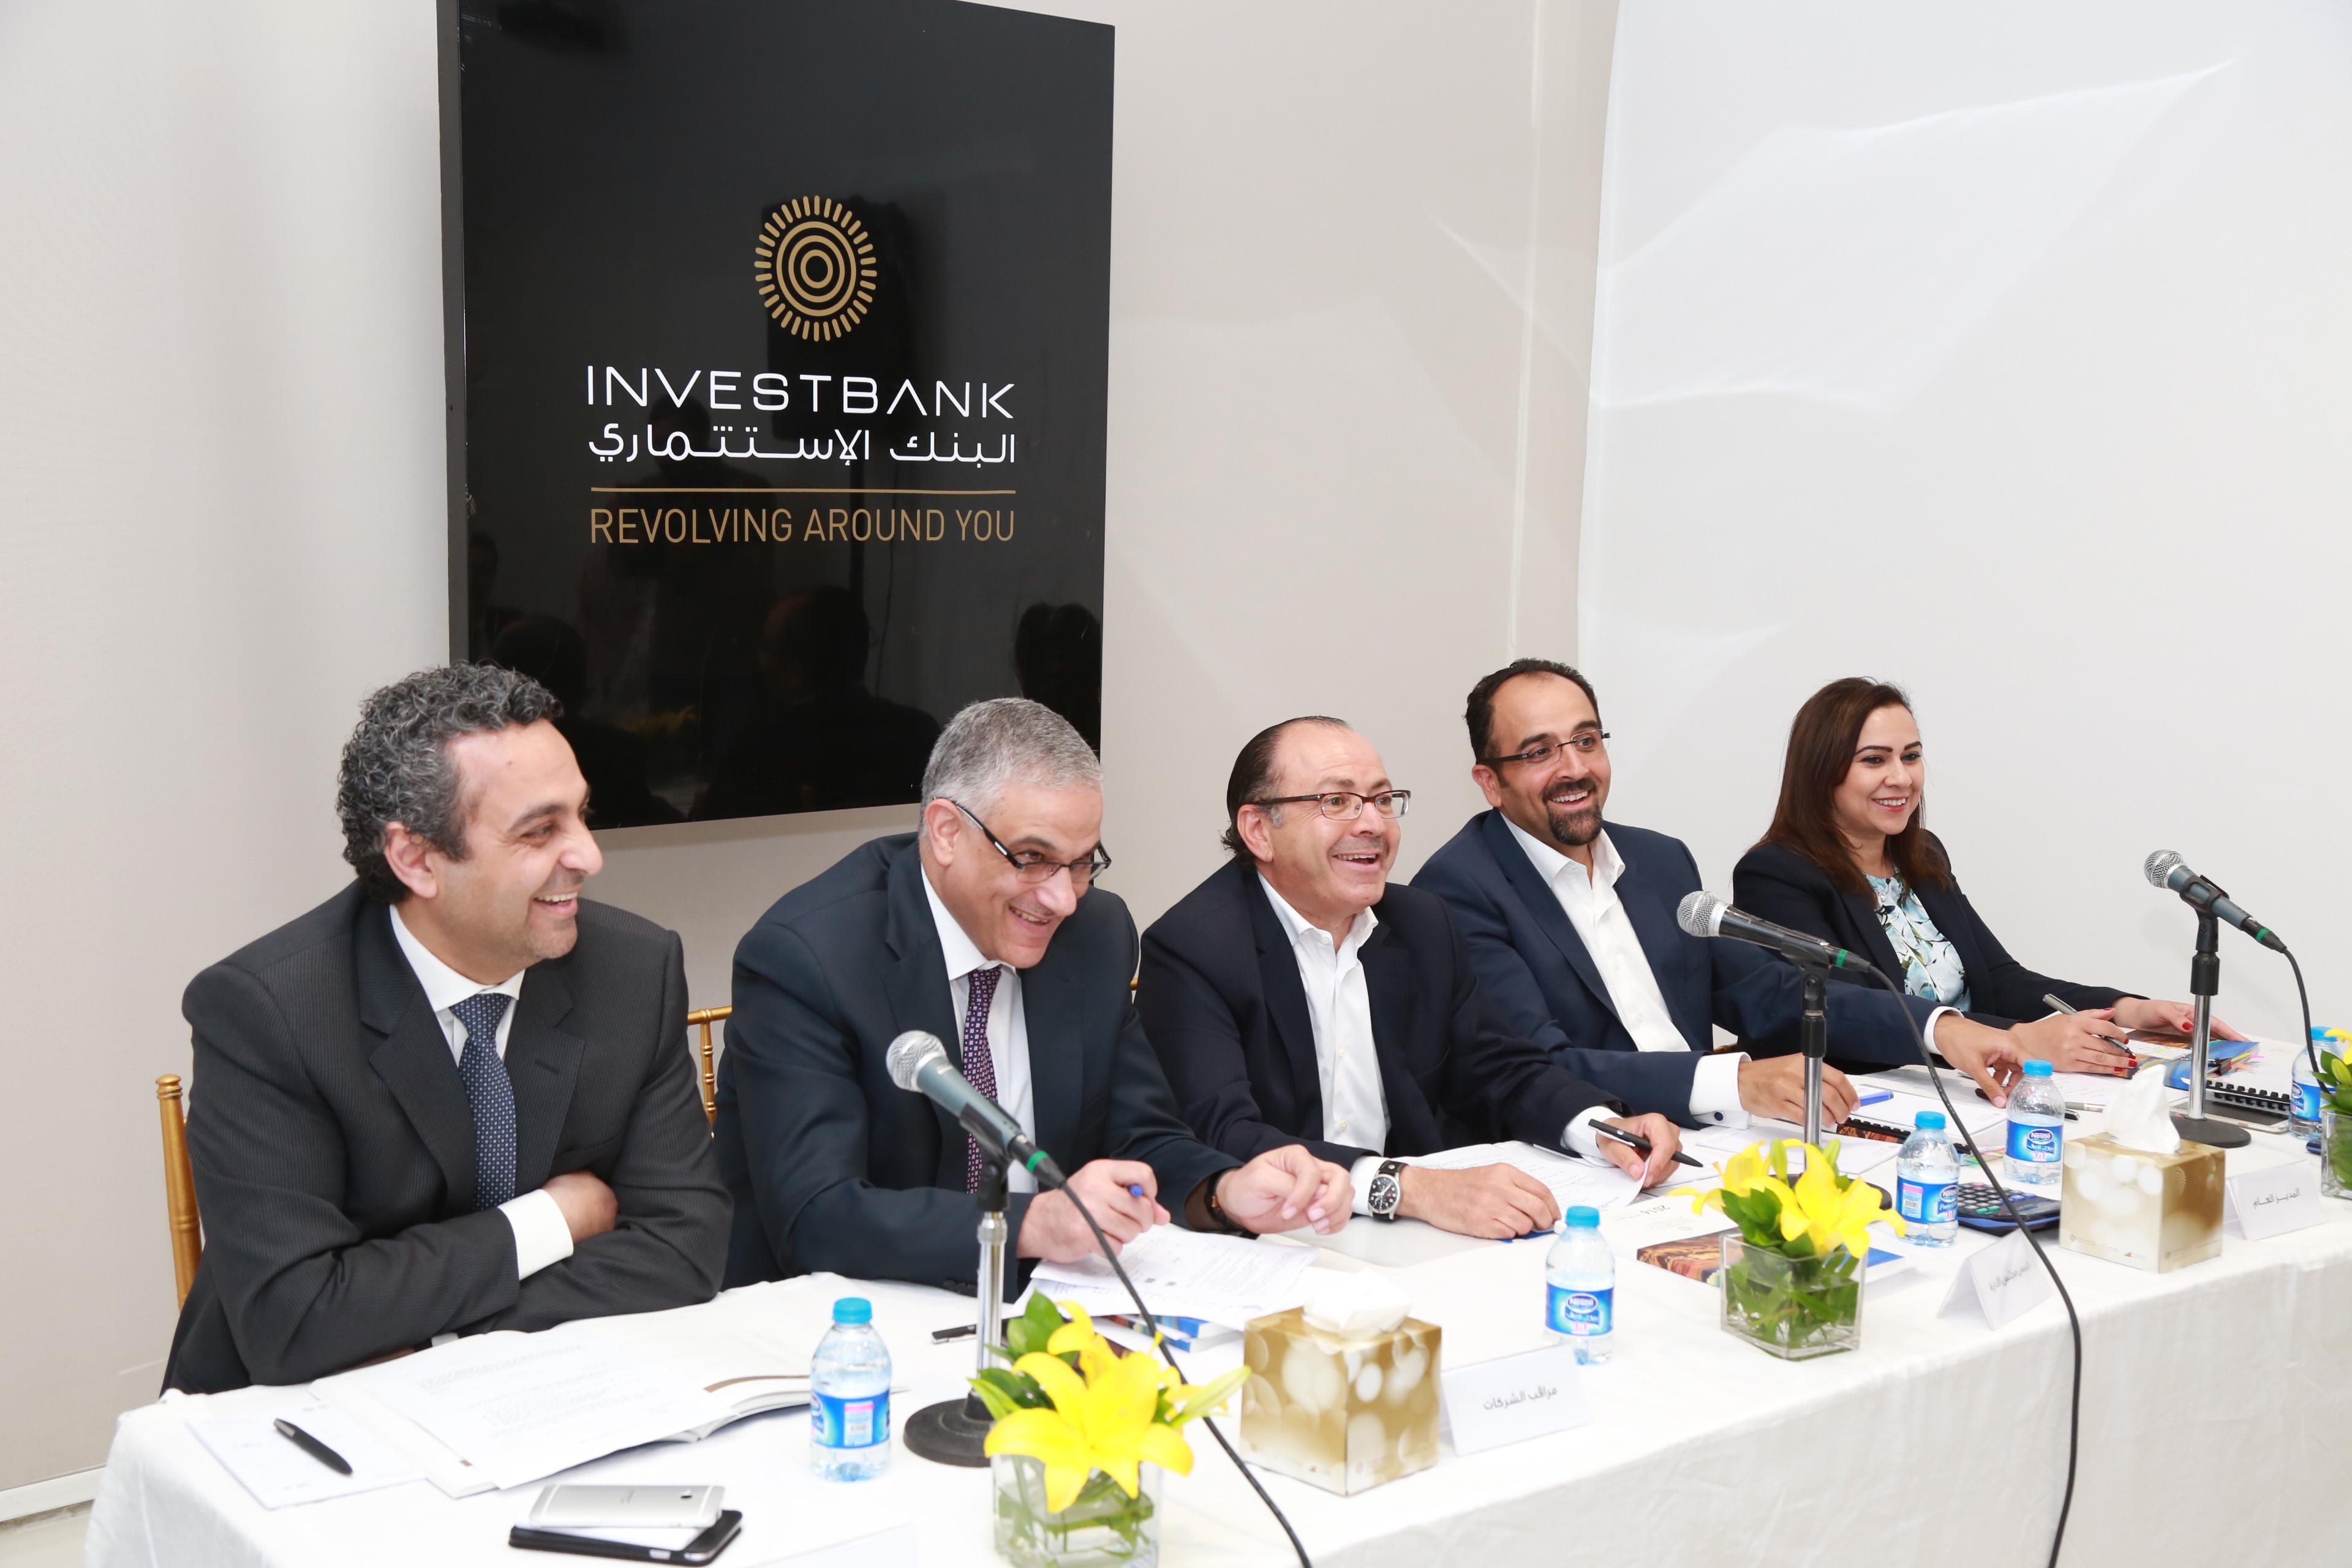 ارتفاع التوزيعات النقدية لـ INVESTBANK (البنك الإستثماري) عن العام 2016 الى 10 مليون دينار وبزيادة 25% عن العام 2015